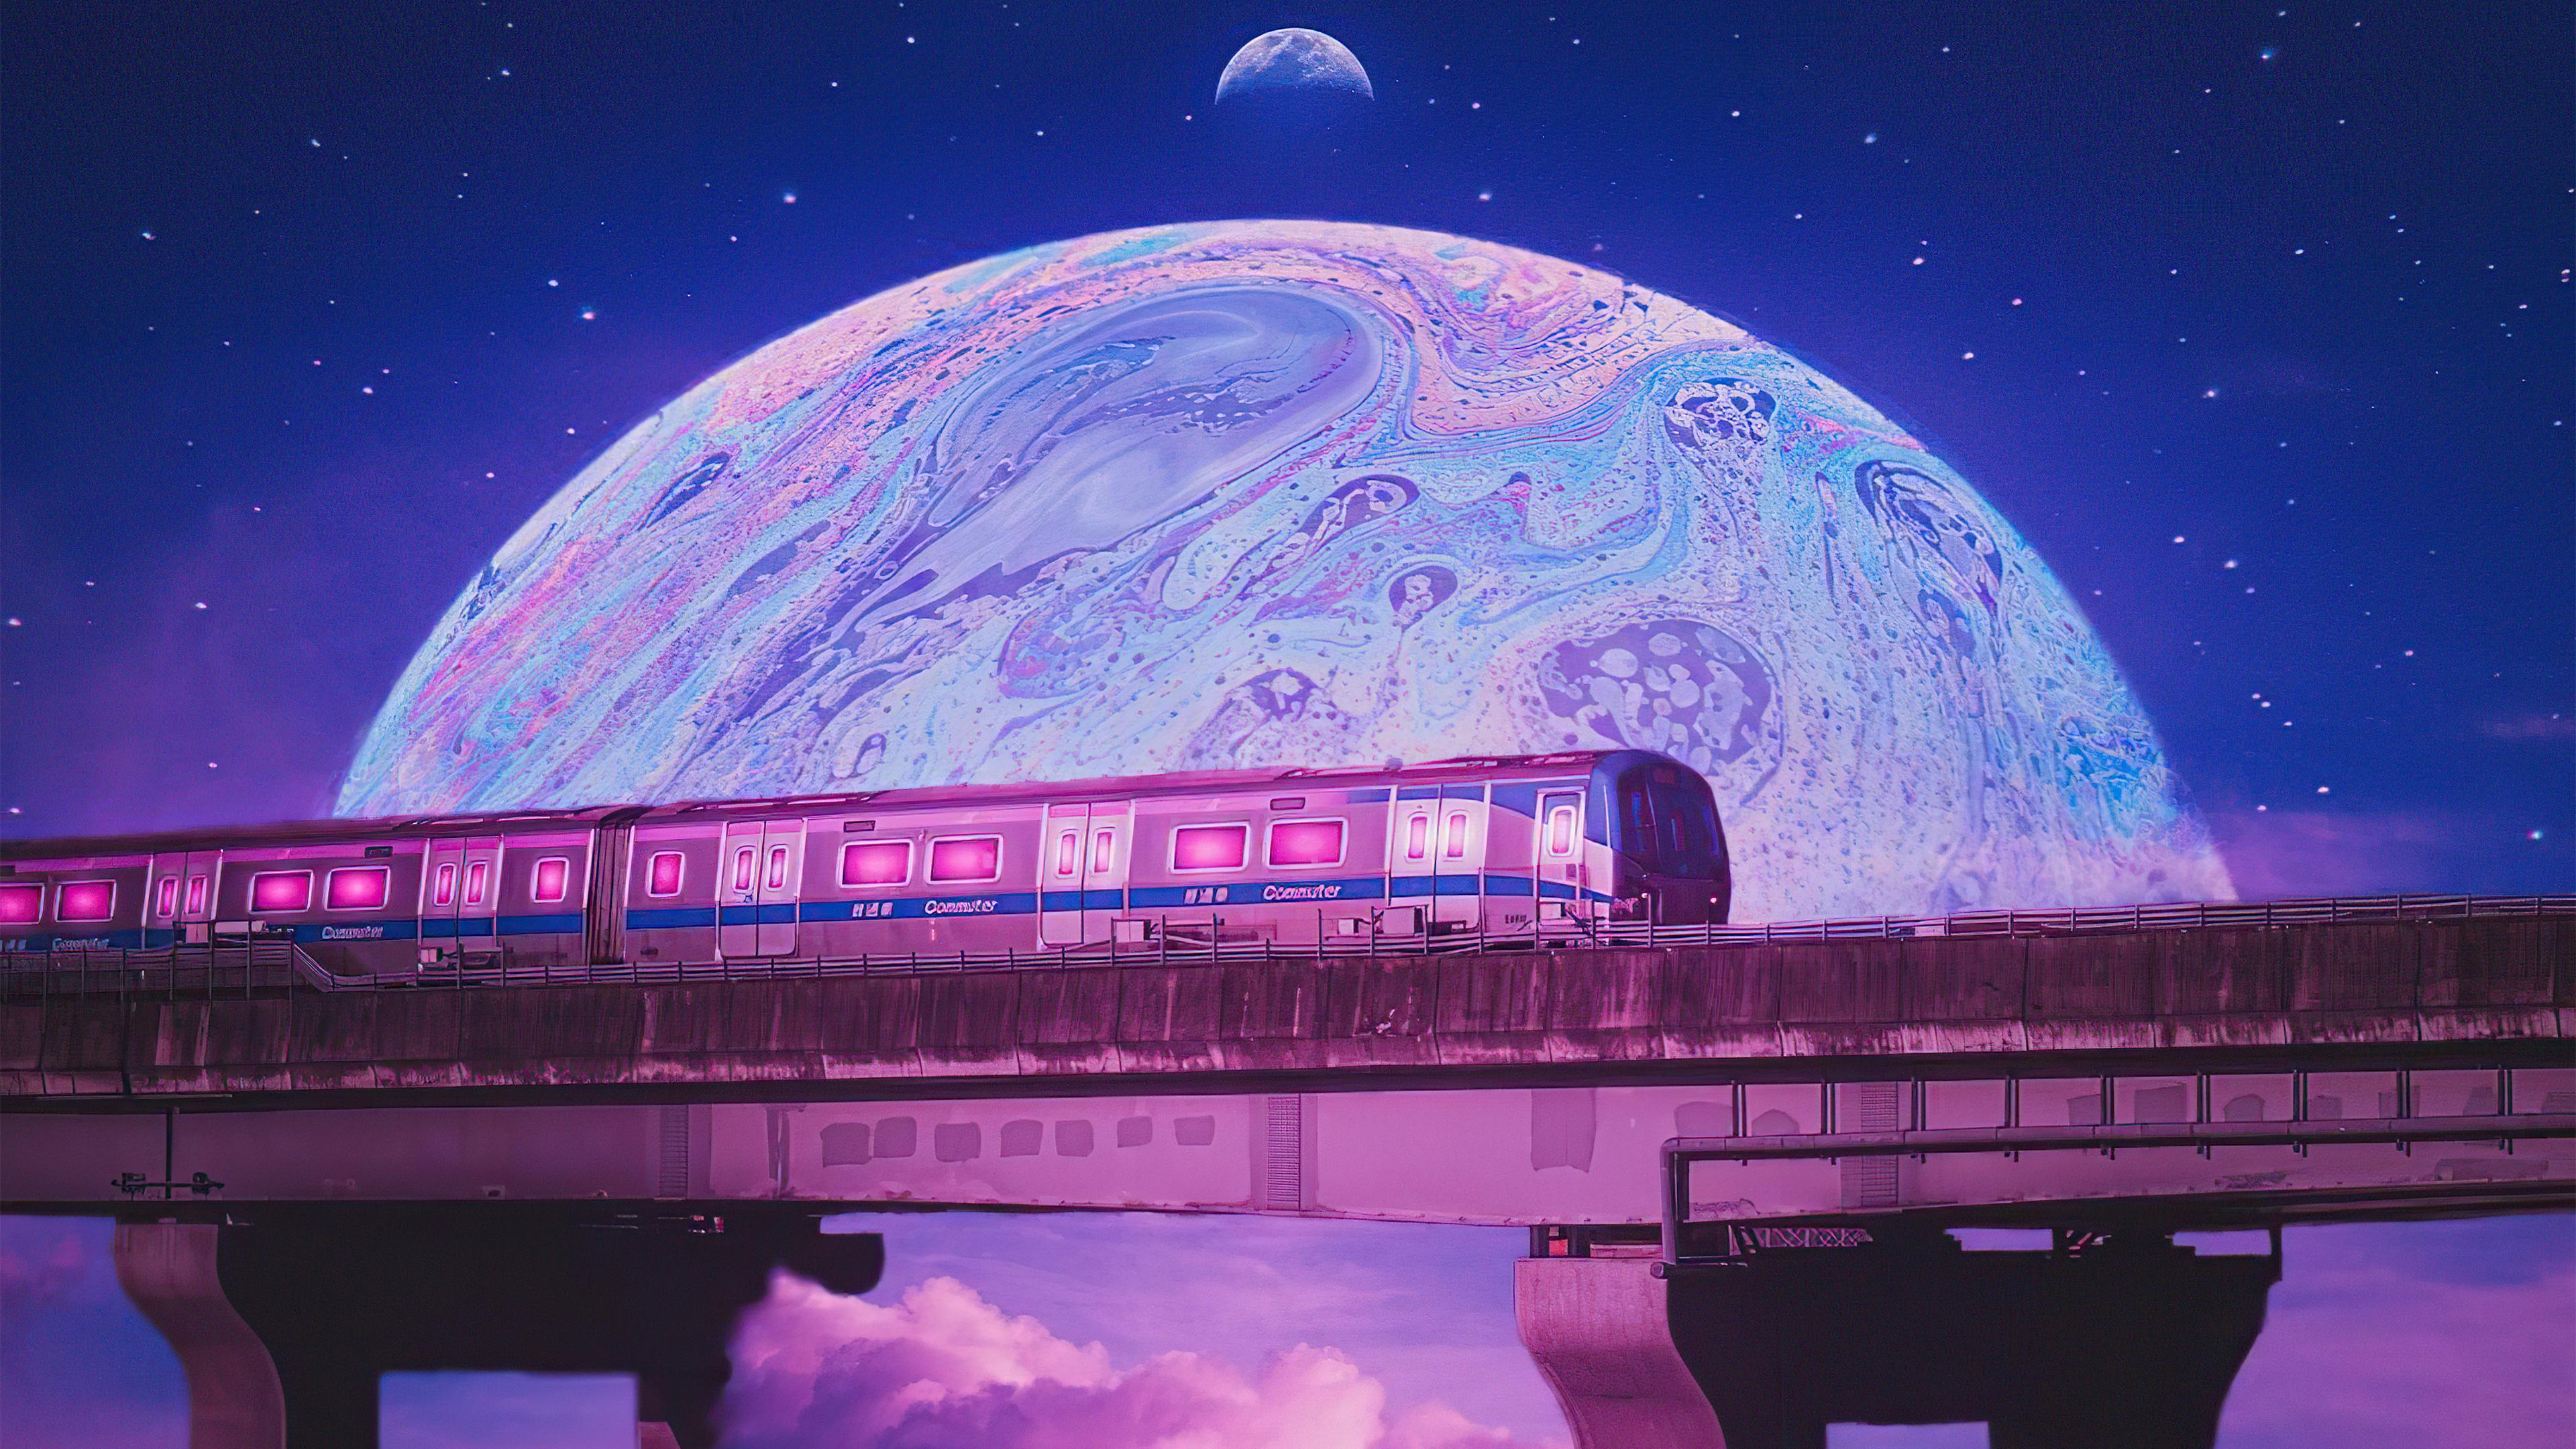 Fondos de pantalla Tren fuera de este planeta